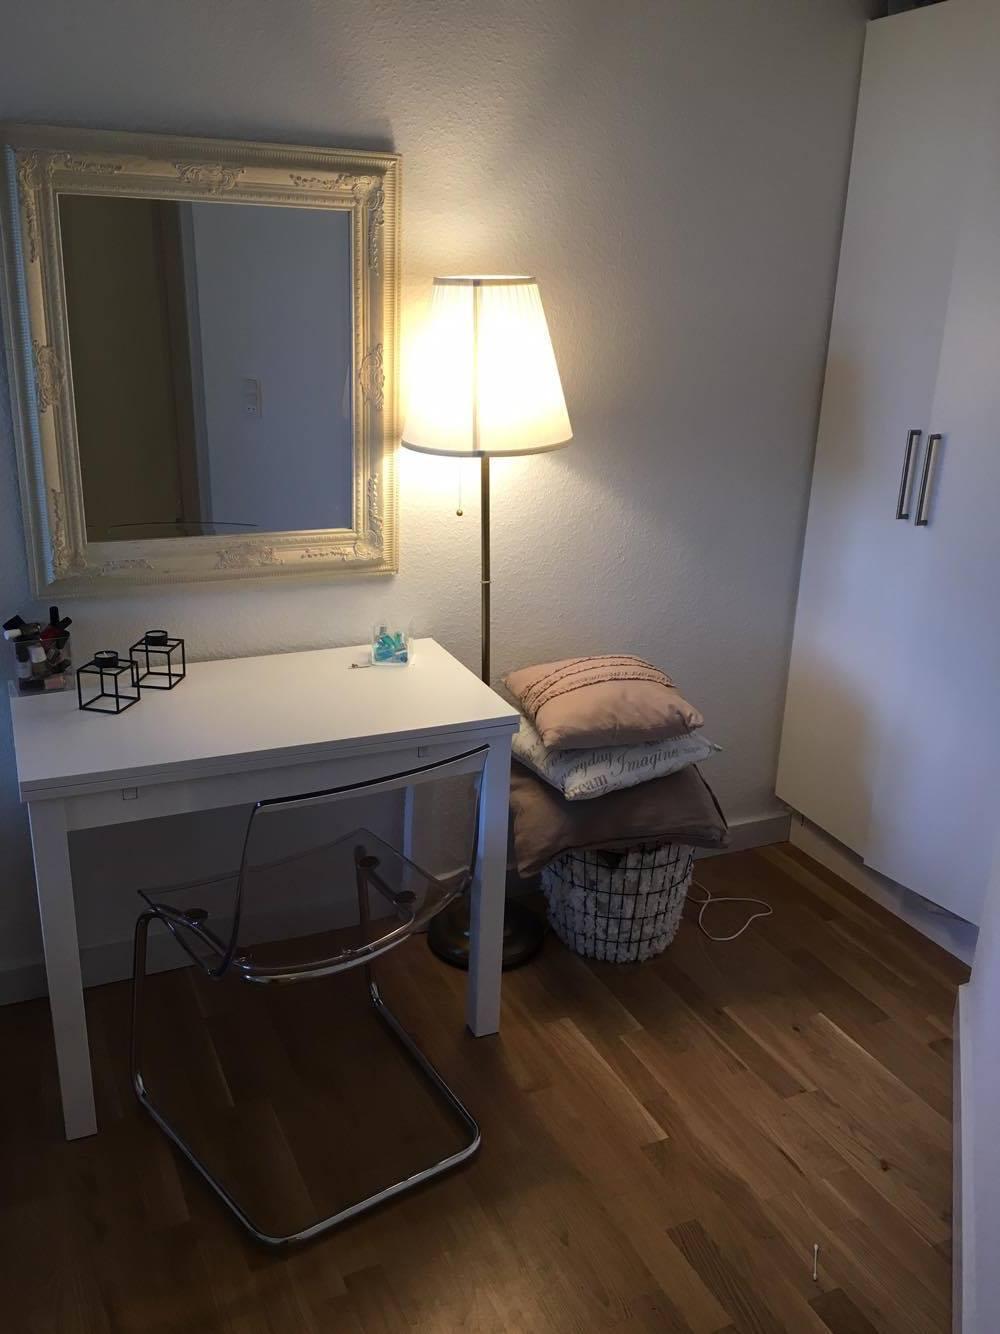 Hyggeligt værelse i stor lejlighed